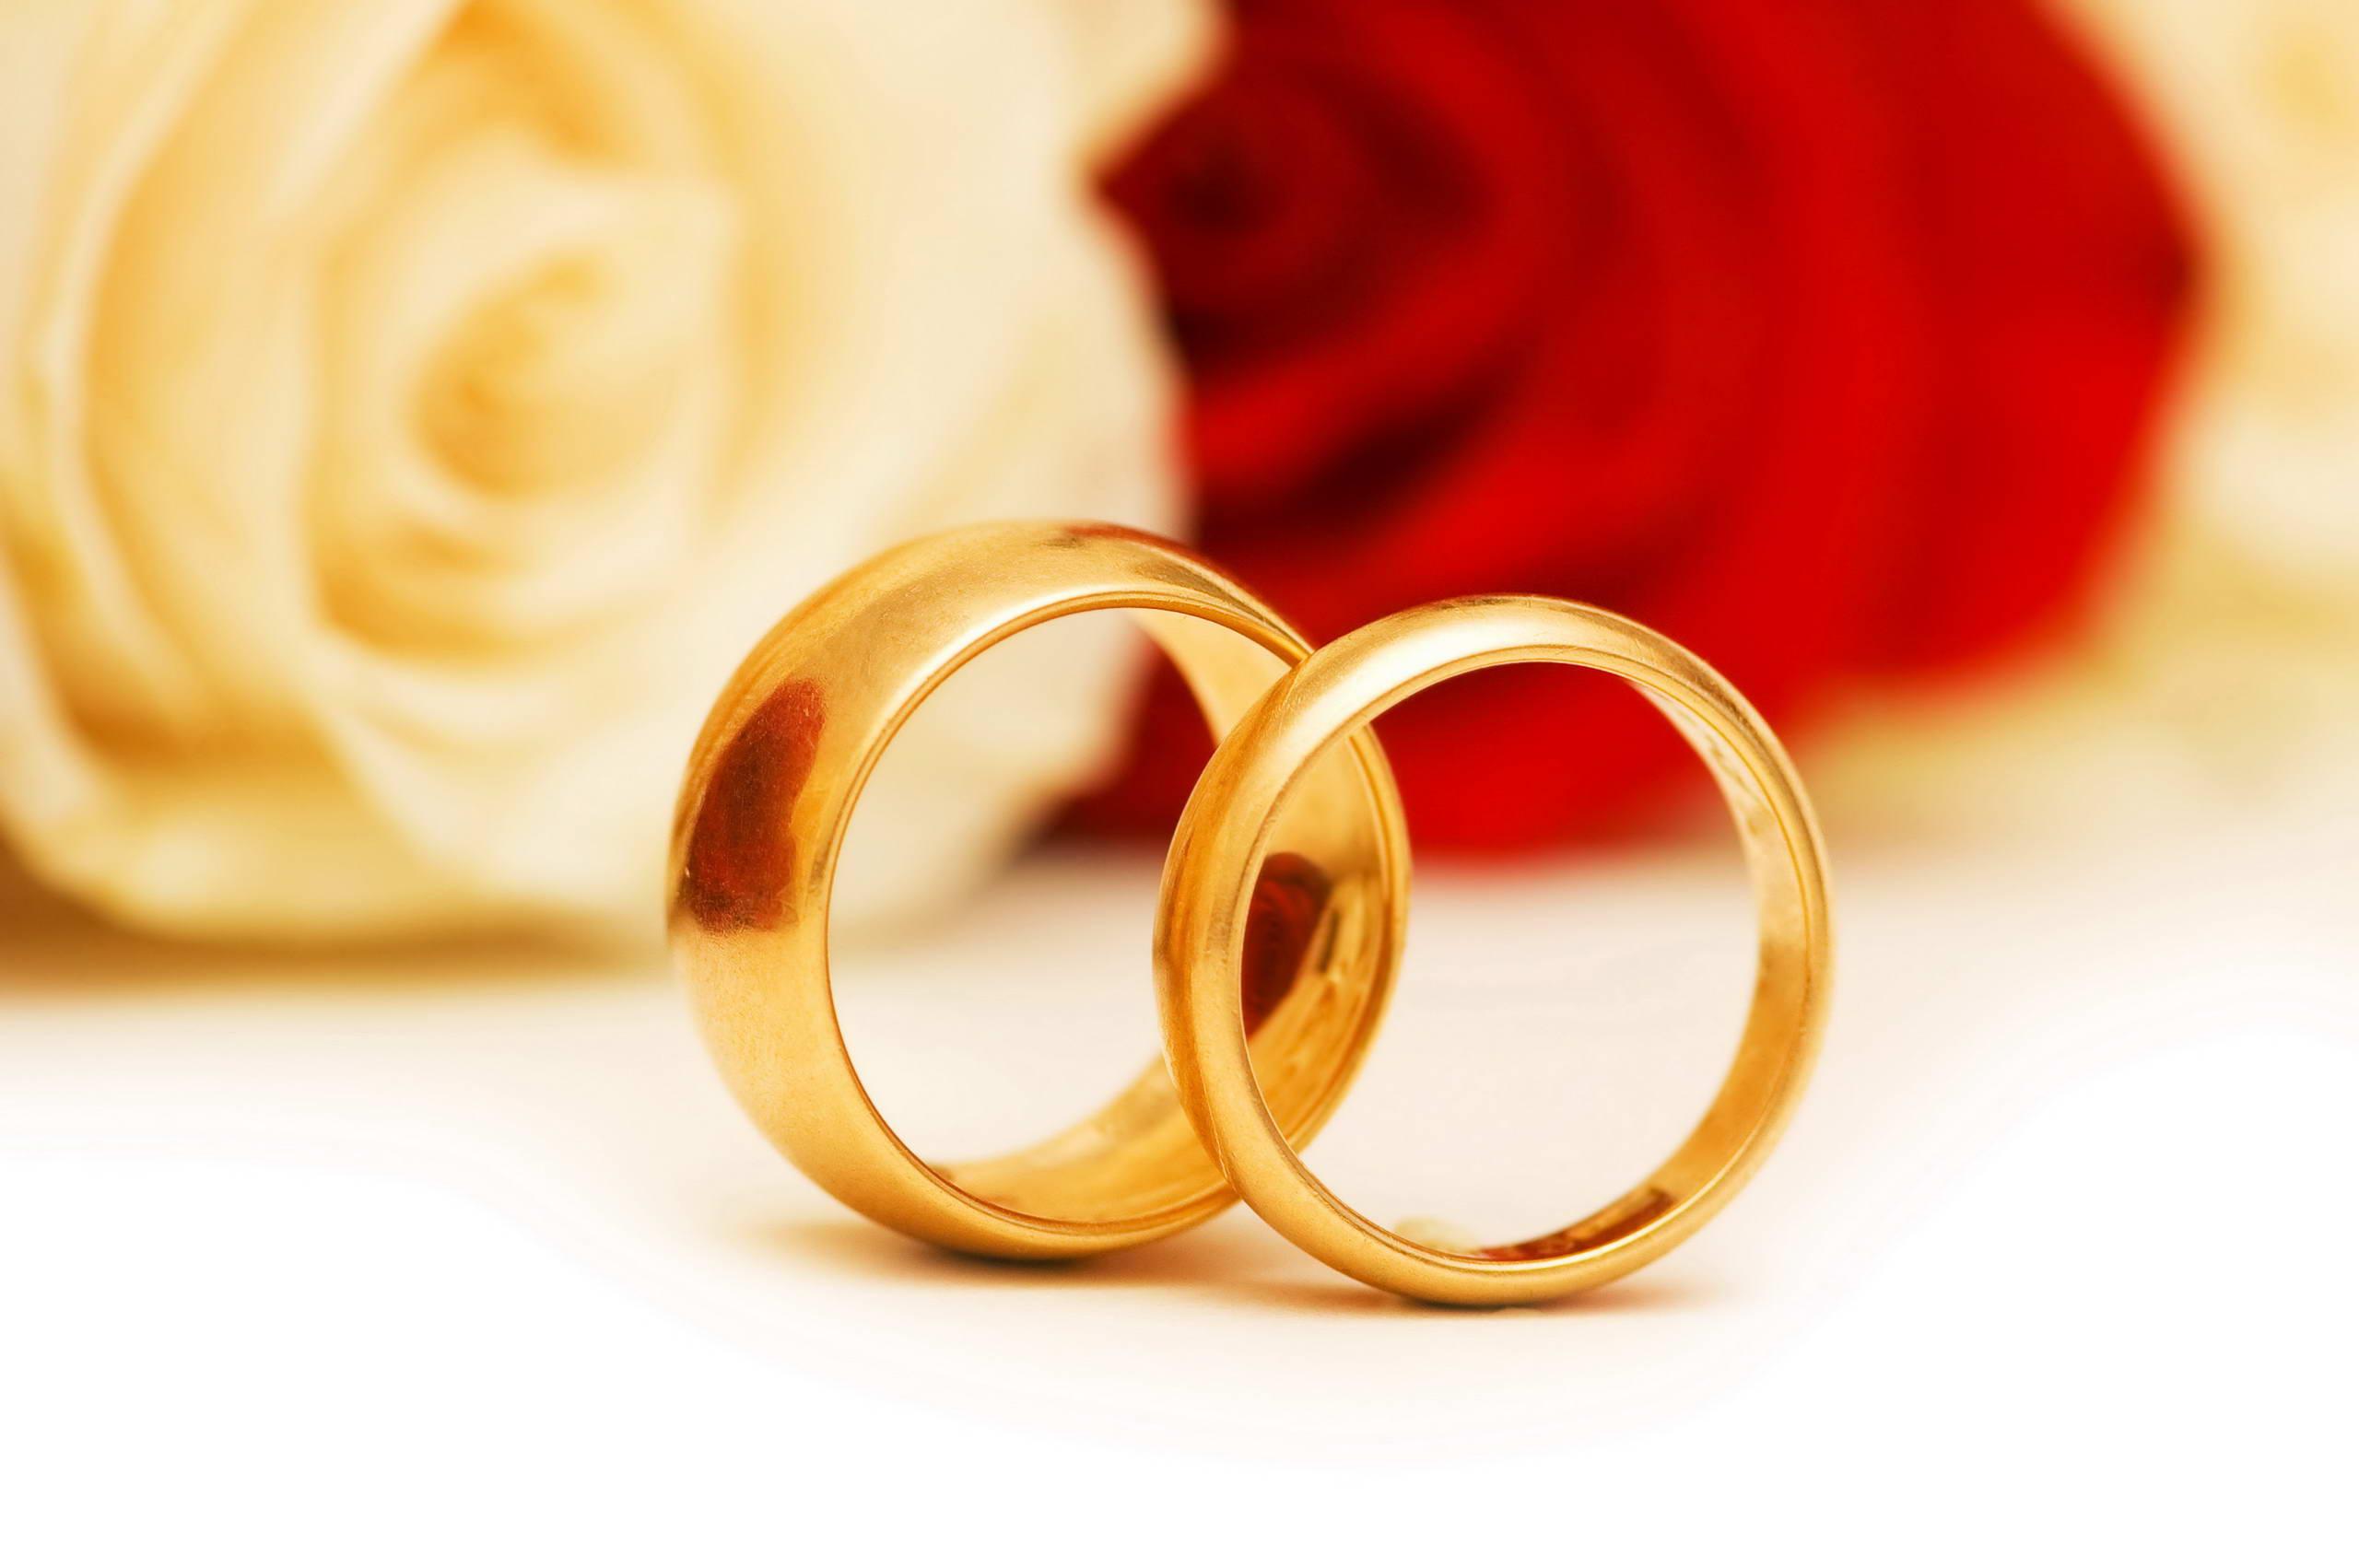 بالصور صور دبل زواج , احدث اشكال الدبل الجديدة 978 3